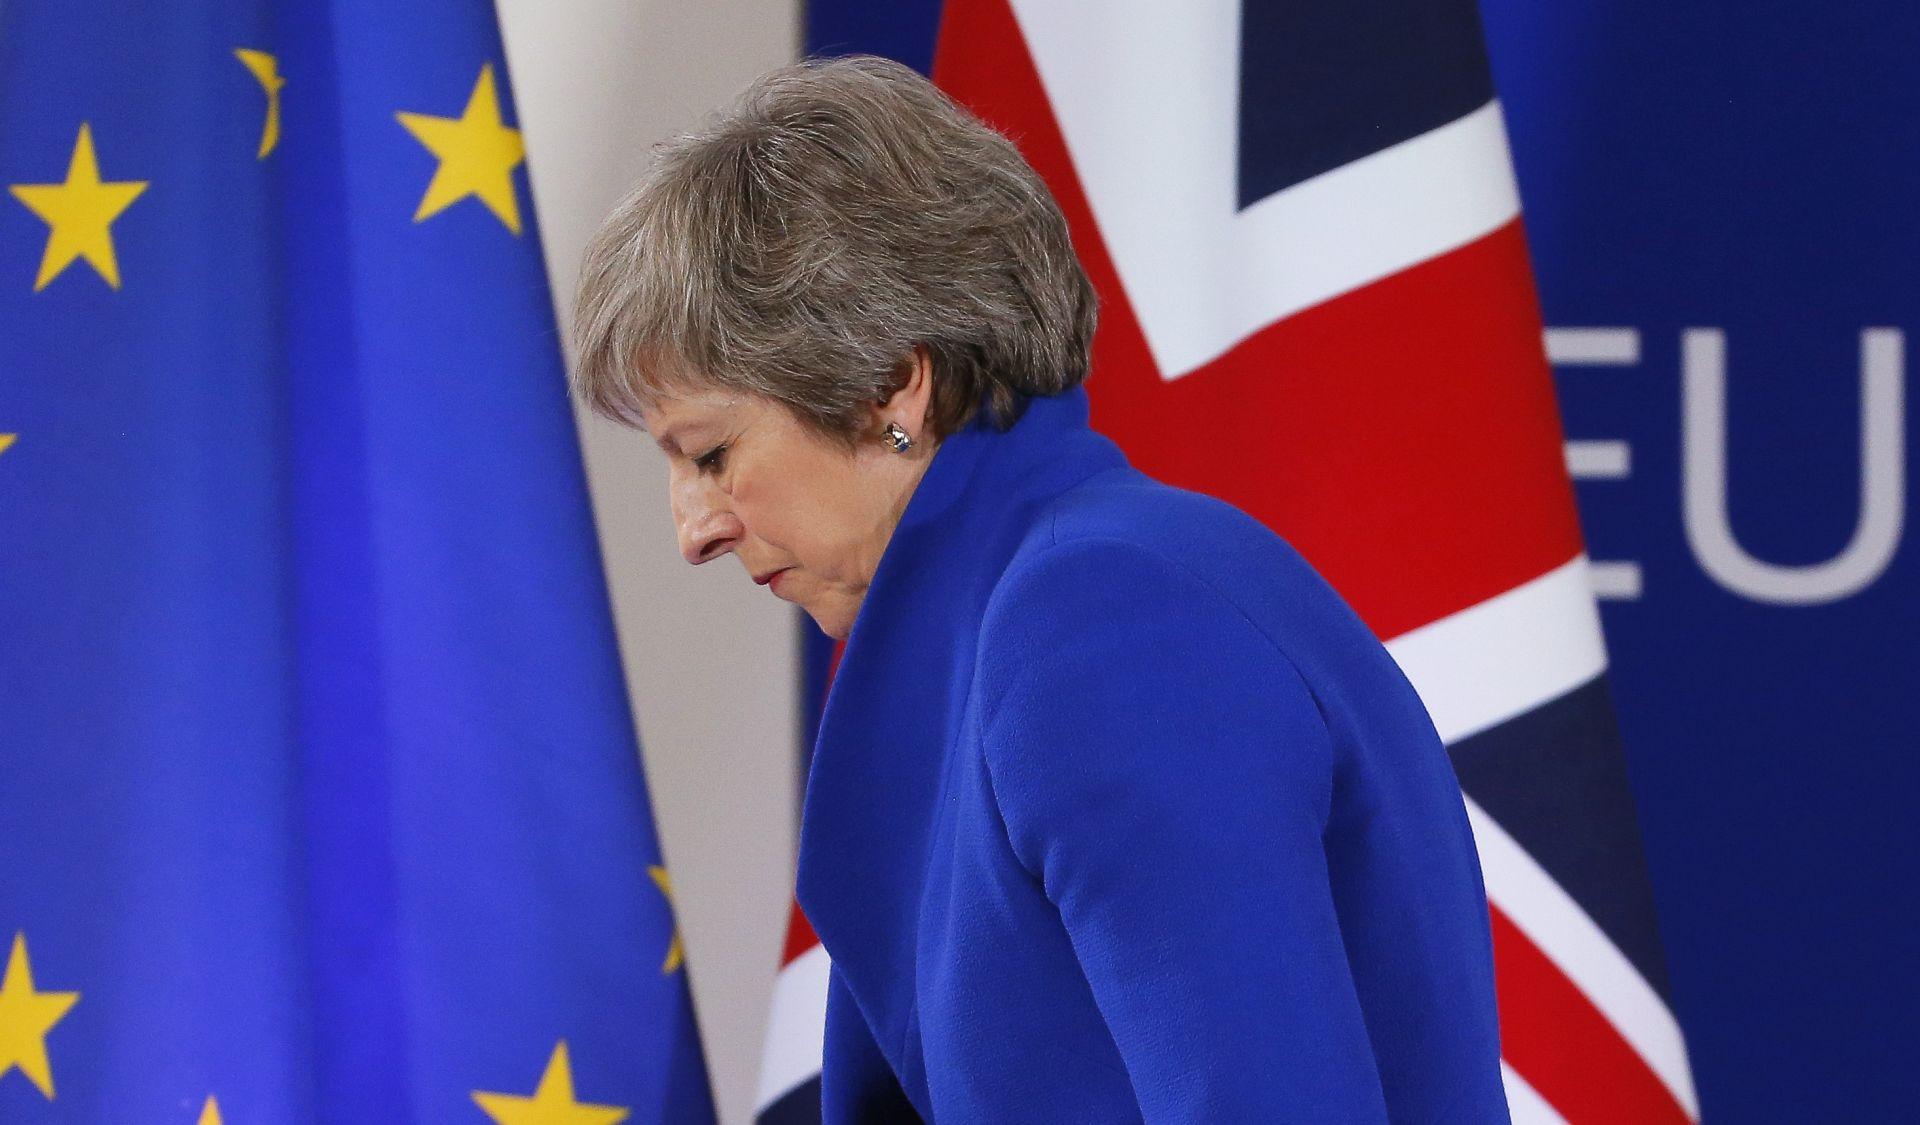 Padne li May, tko bi mogao biti budući britanski premijer?